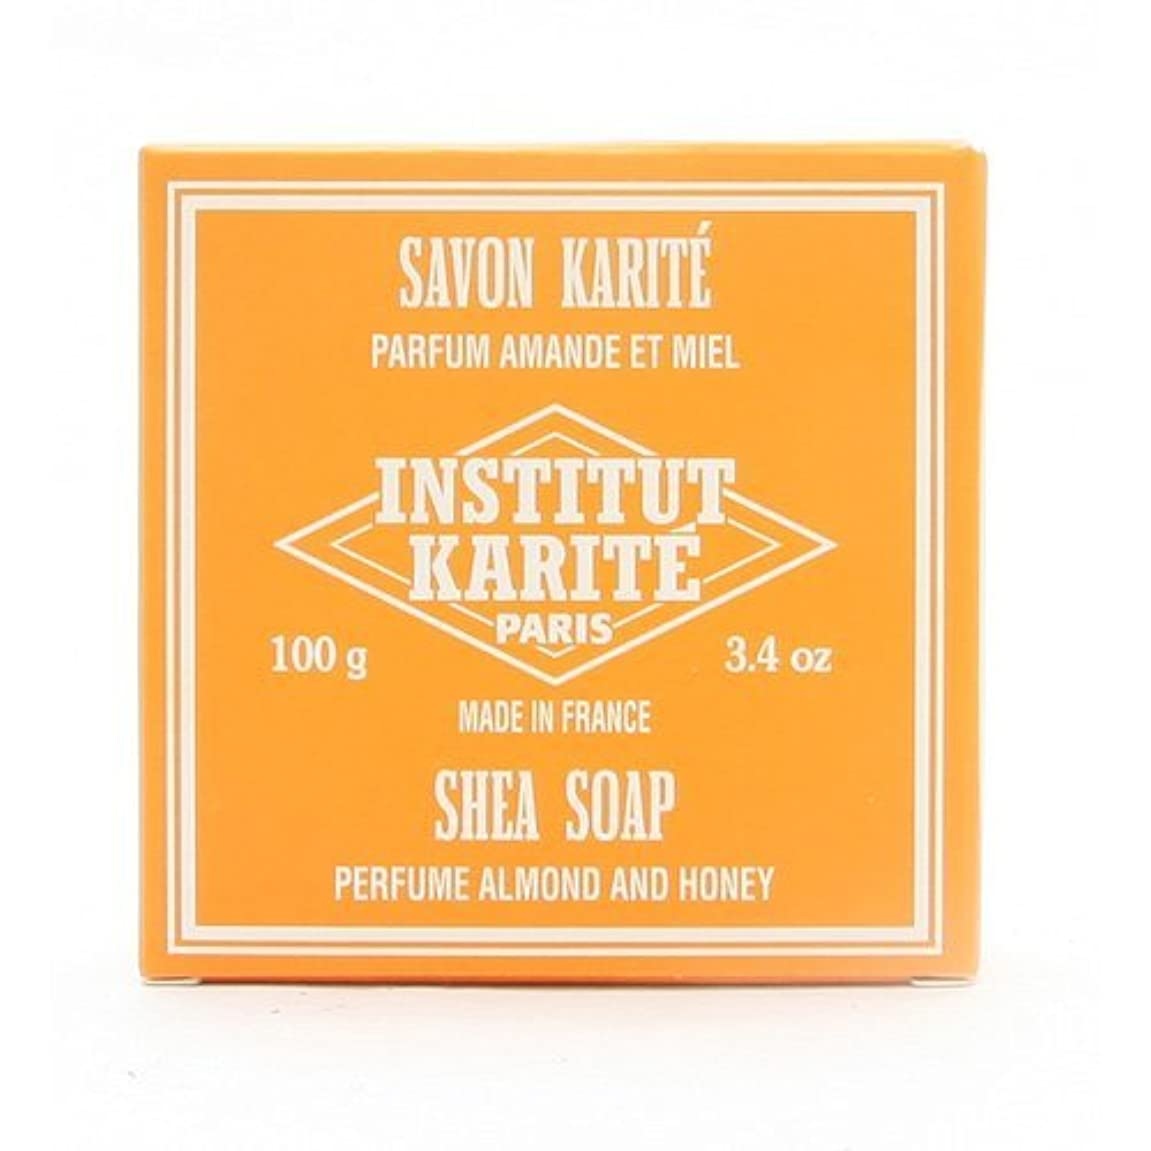 宇宙のラッカス一過性INSTITUT KARITE インスティテュート カリテ 25% Extra Gentle Soap ジェントルソープ 100g Almond Honey アーモンドハニー